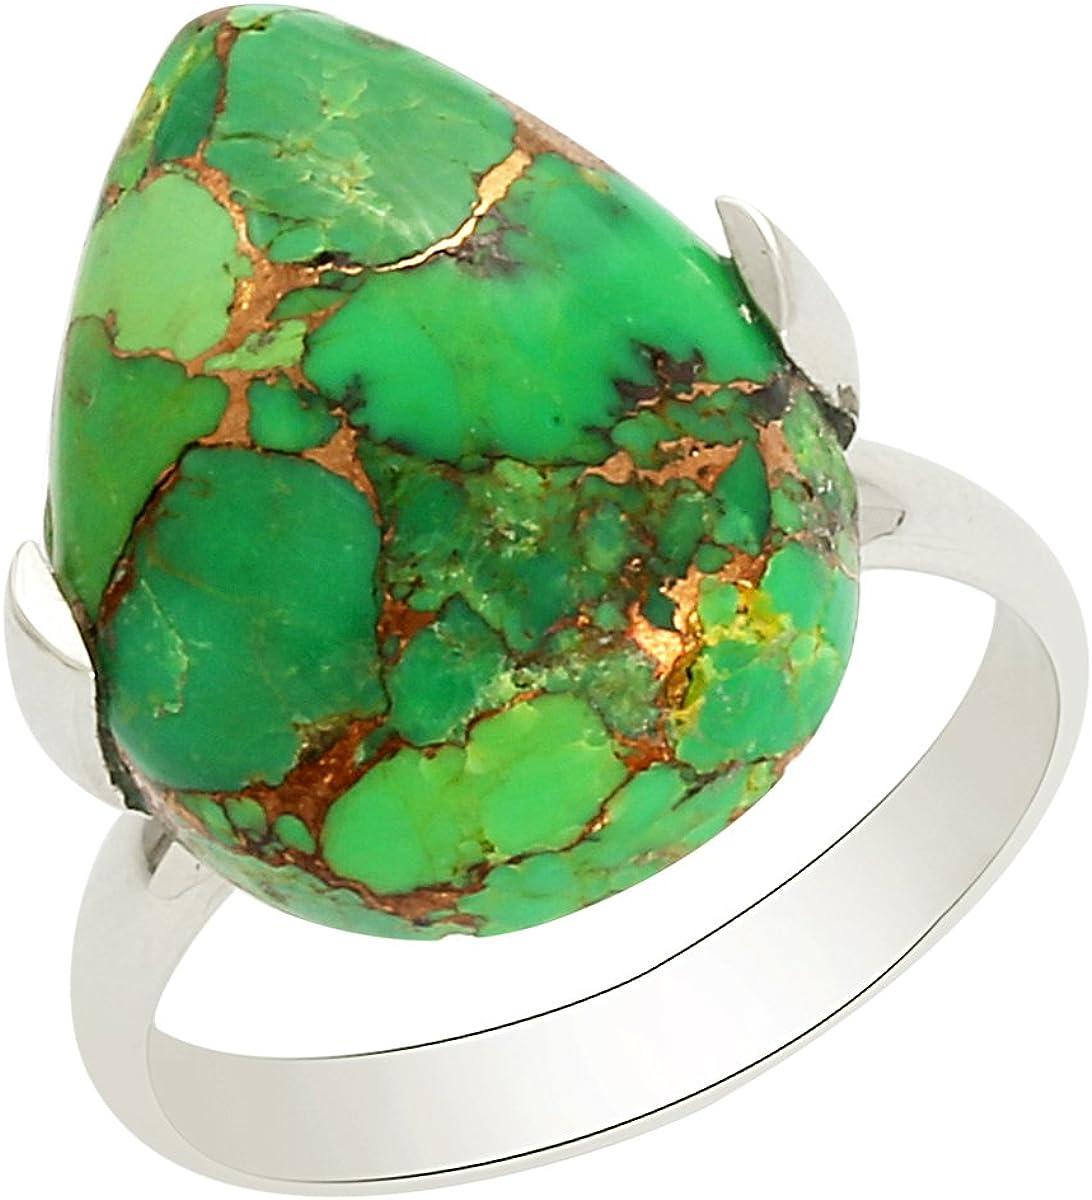 Shine Jewel Anillo de piedras preciosas de color turquesa verde hecho a mano con anillo de plata de ley 925 en forma de pera para mujer